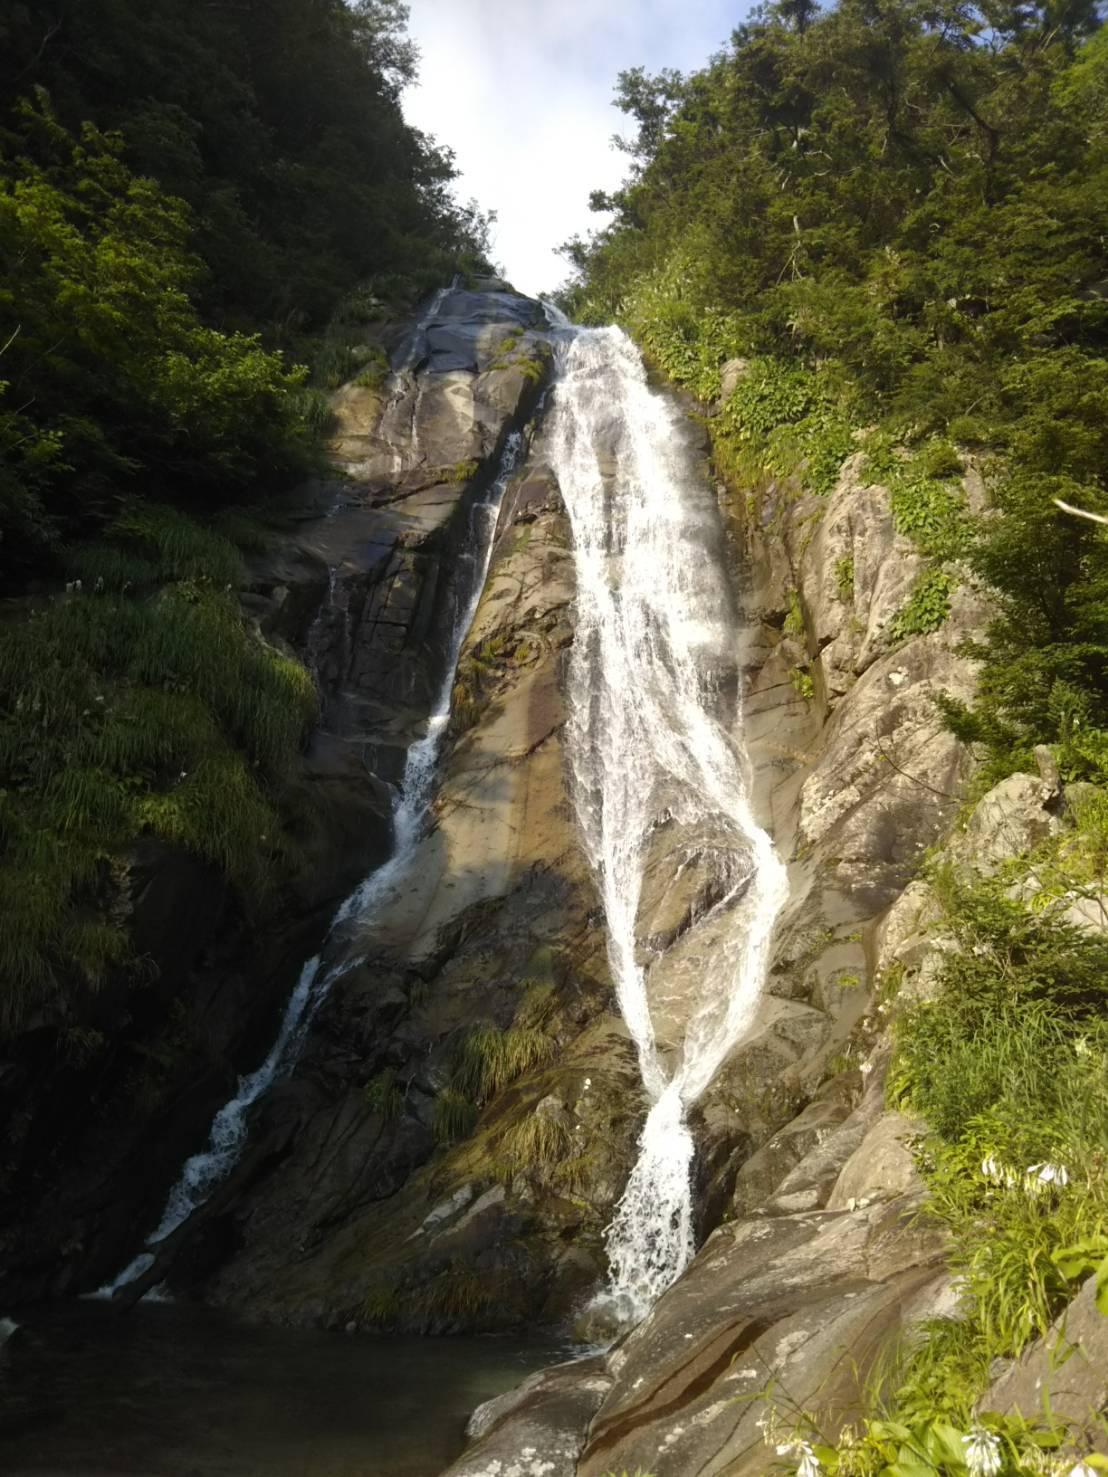 荒島岳 仏御前の滝 沢登り_c0192058_22203418.jpeg